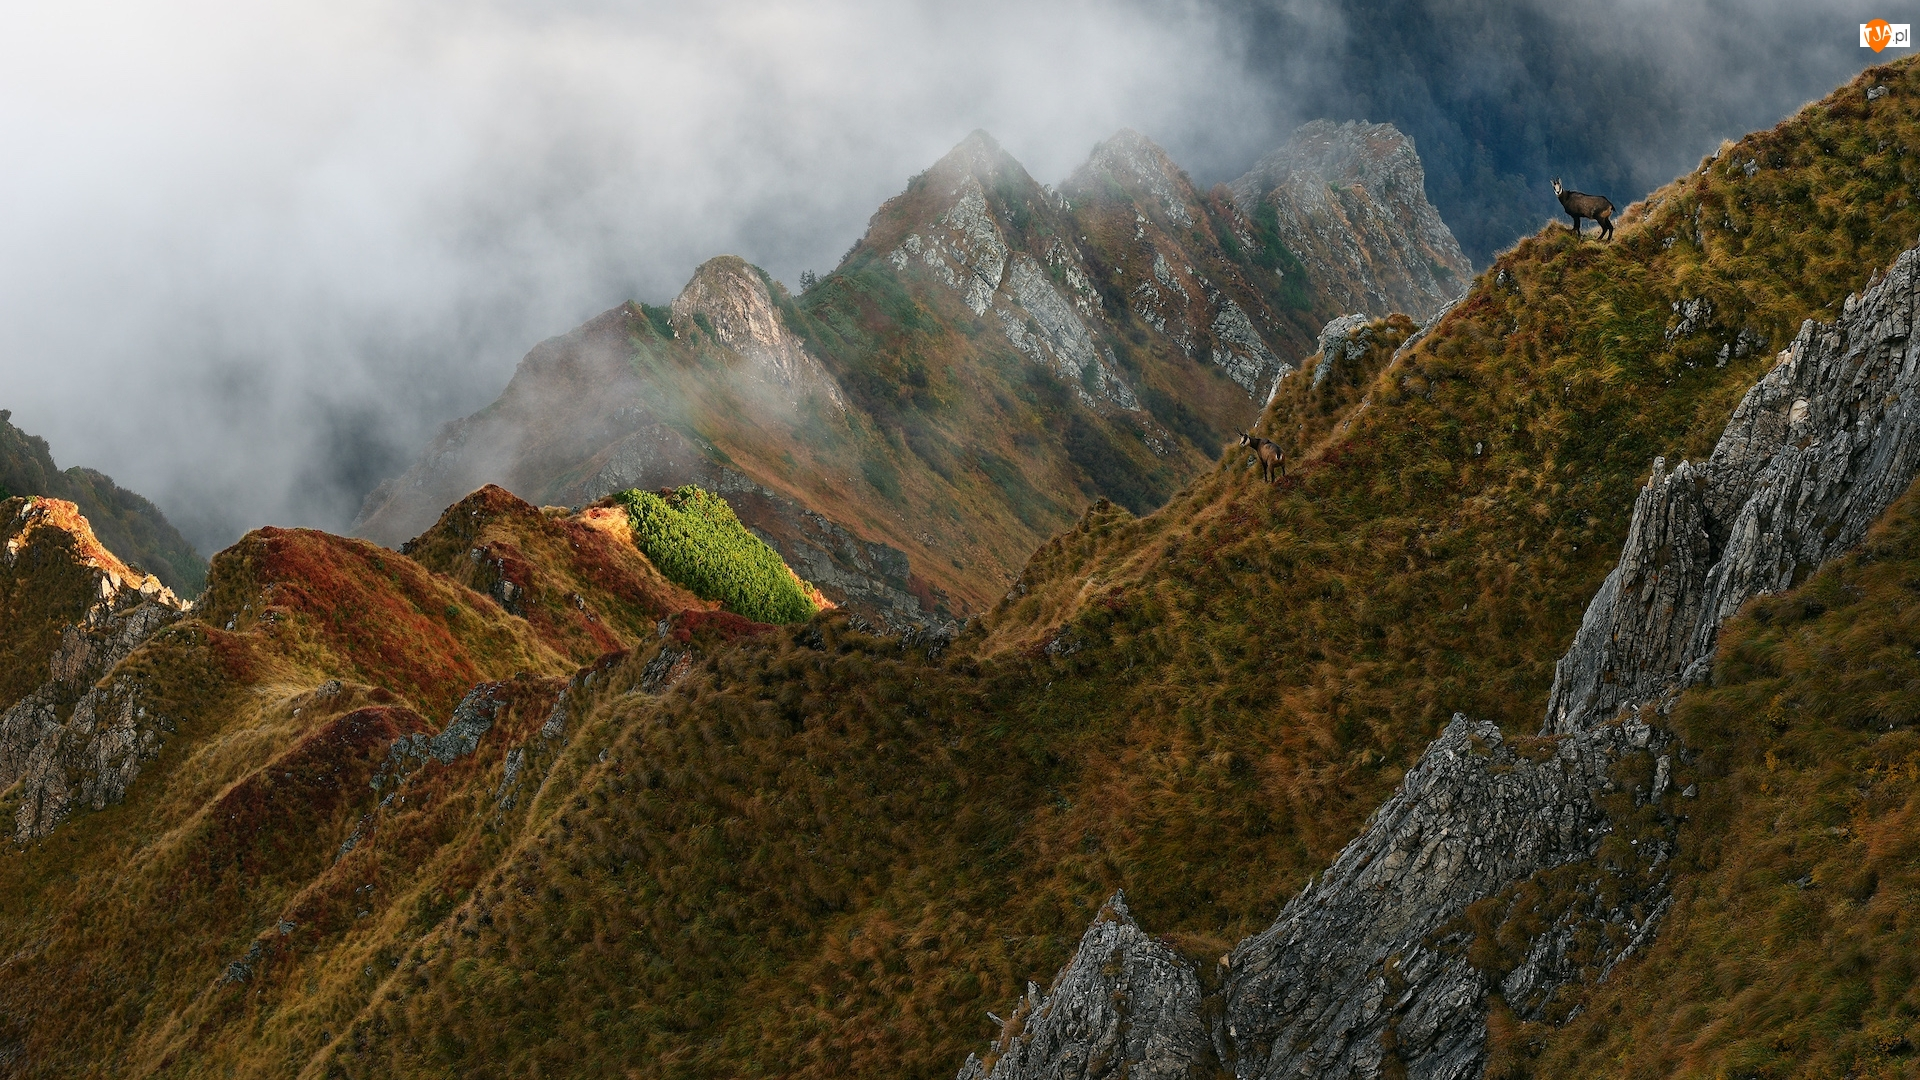 Skały, Kozy górskie, Mgła, Góry, Roślinność